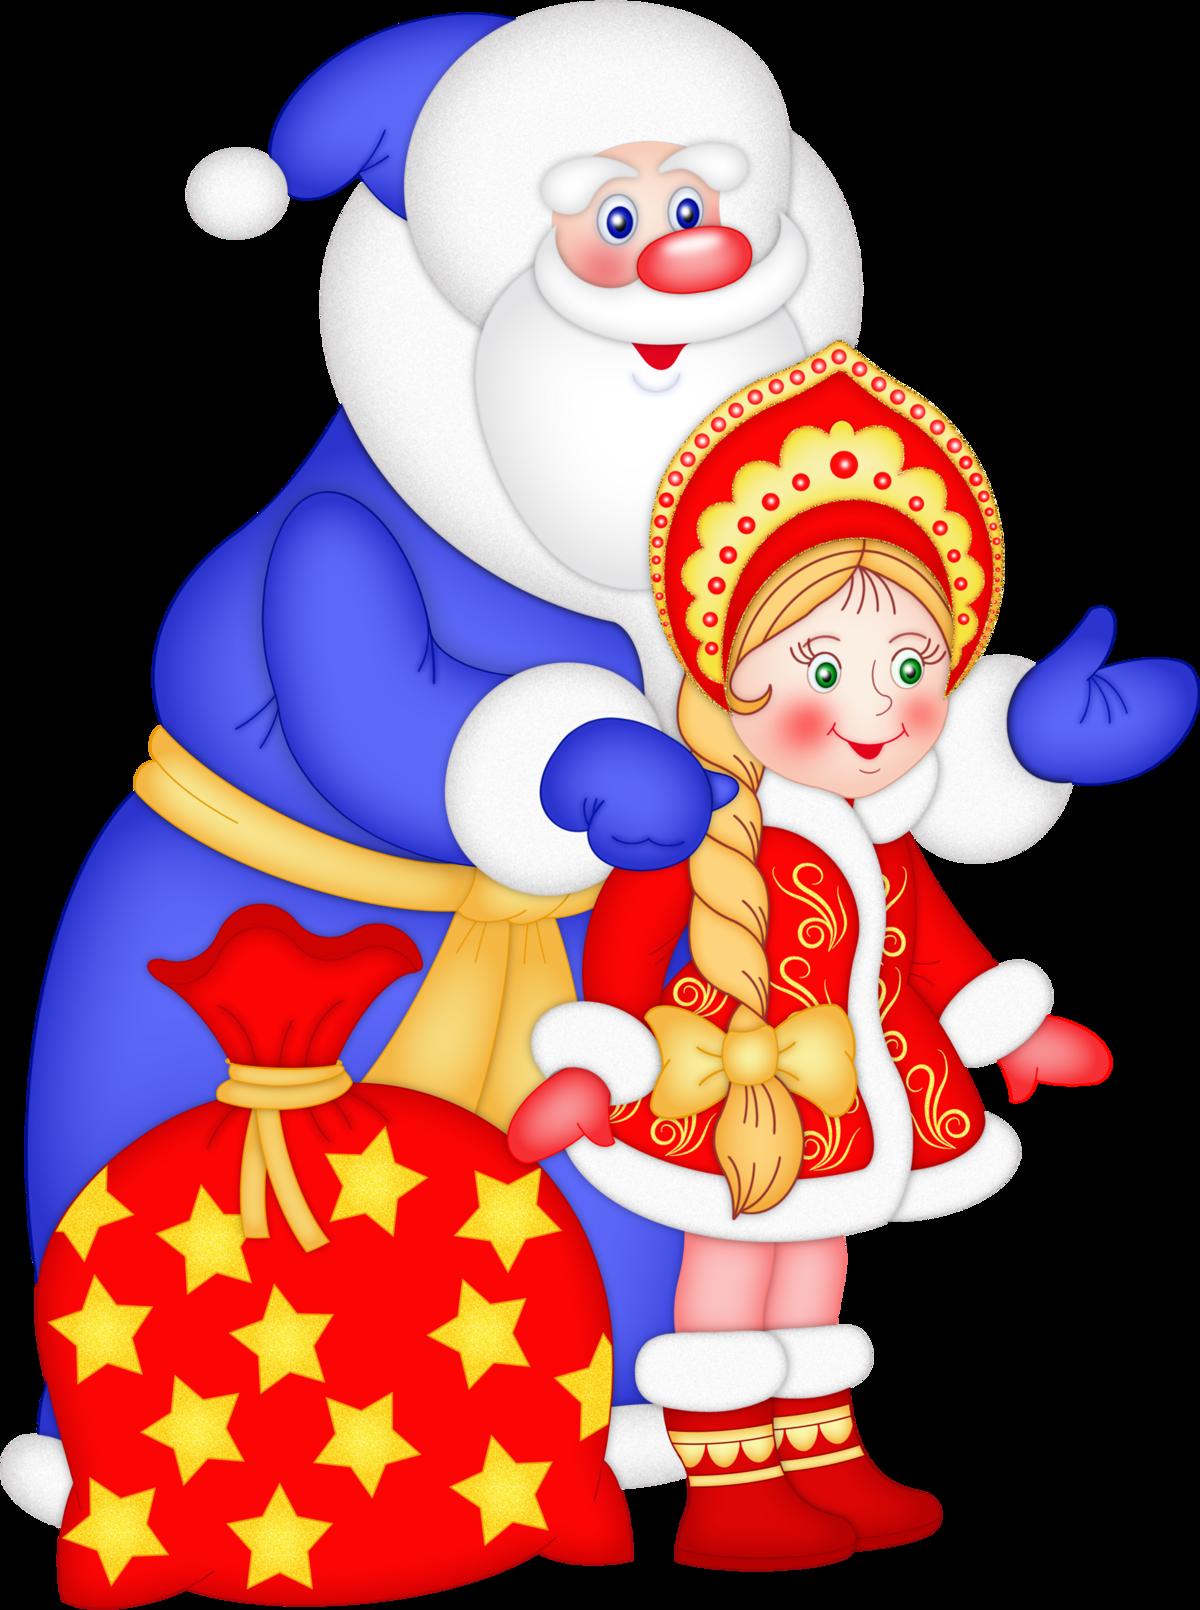 Картинки деда мороза и снегурочки на новый год, картинки